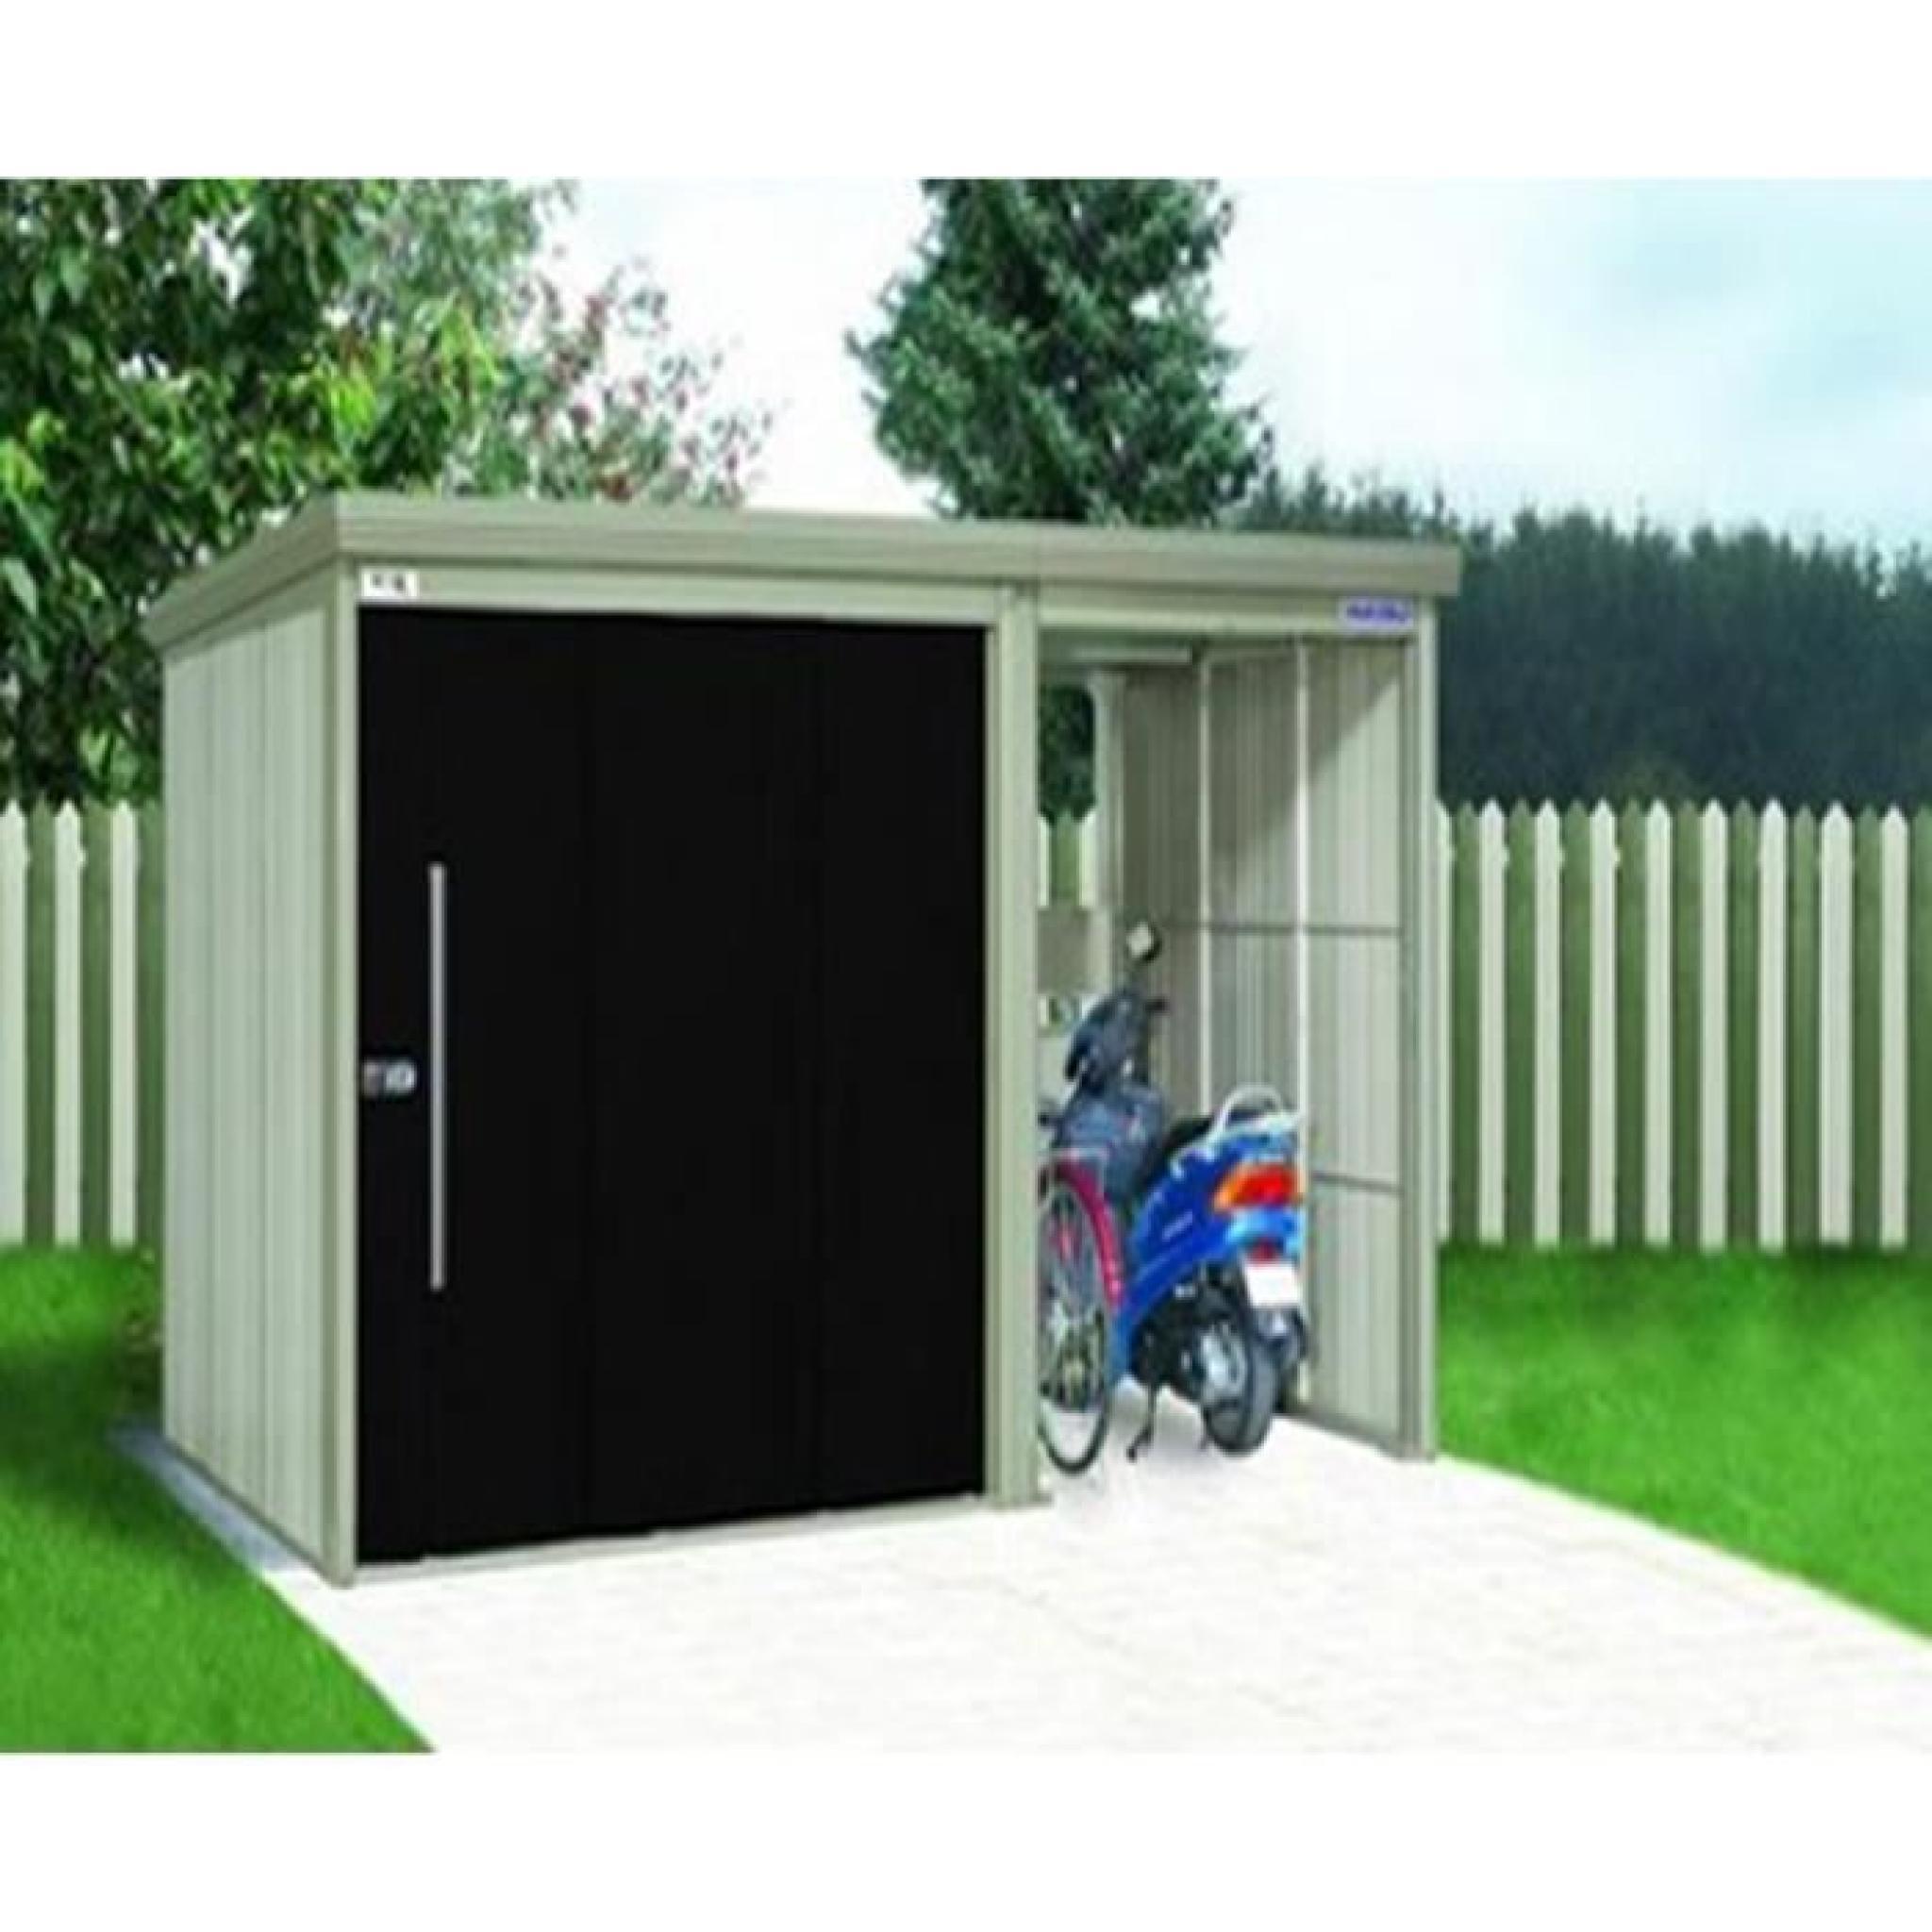 abri de jardin en acier galvanis avec portes noires 382 x 249 x 211 cm achat vente abri de. Black Bedroom Furniture Sets. Home Design Ideas